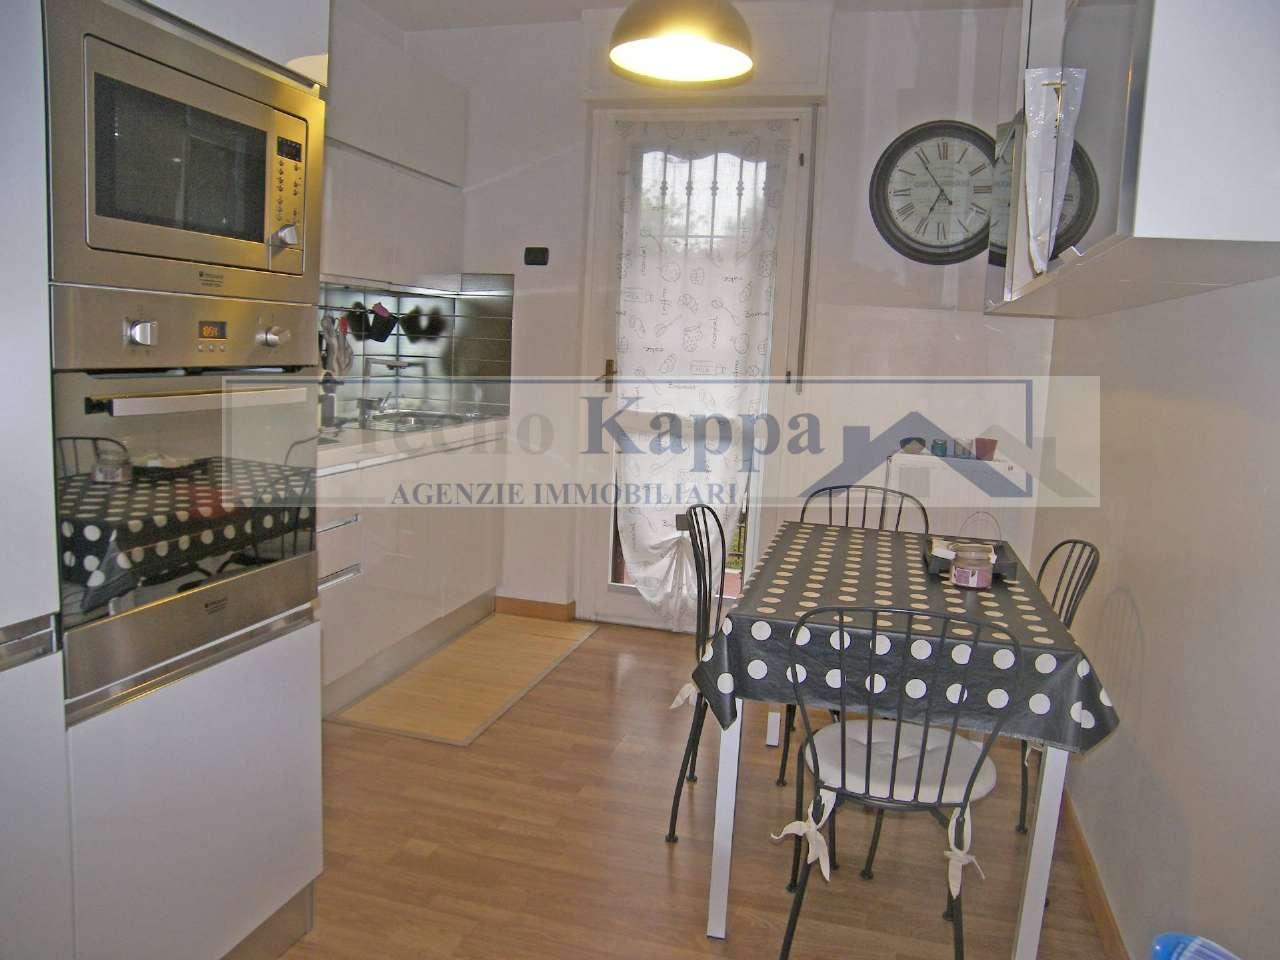 Appartamento ristrutturato in vendita Rif. 6628419